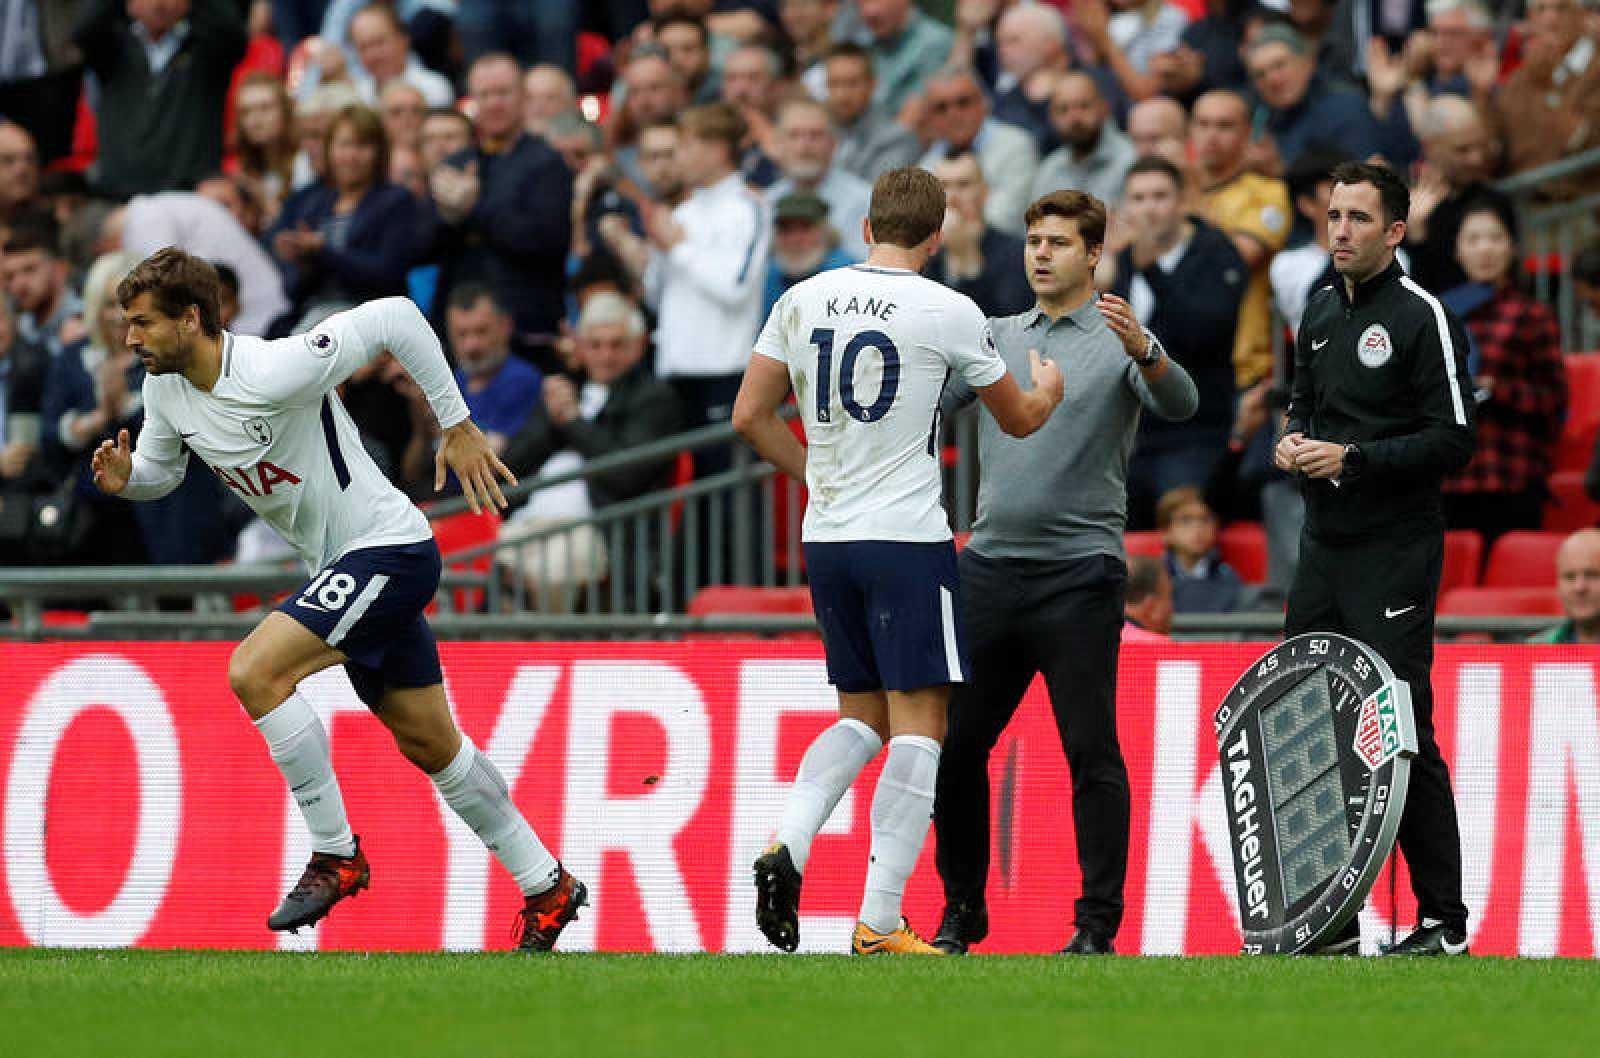 Llorente saliendo al campo por Kane en el Tottenham.